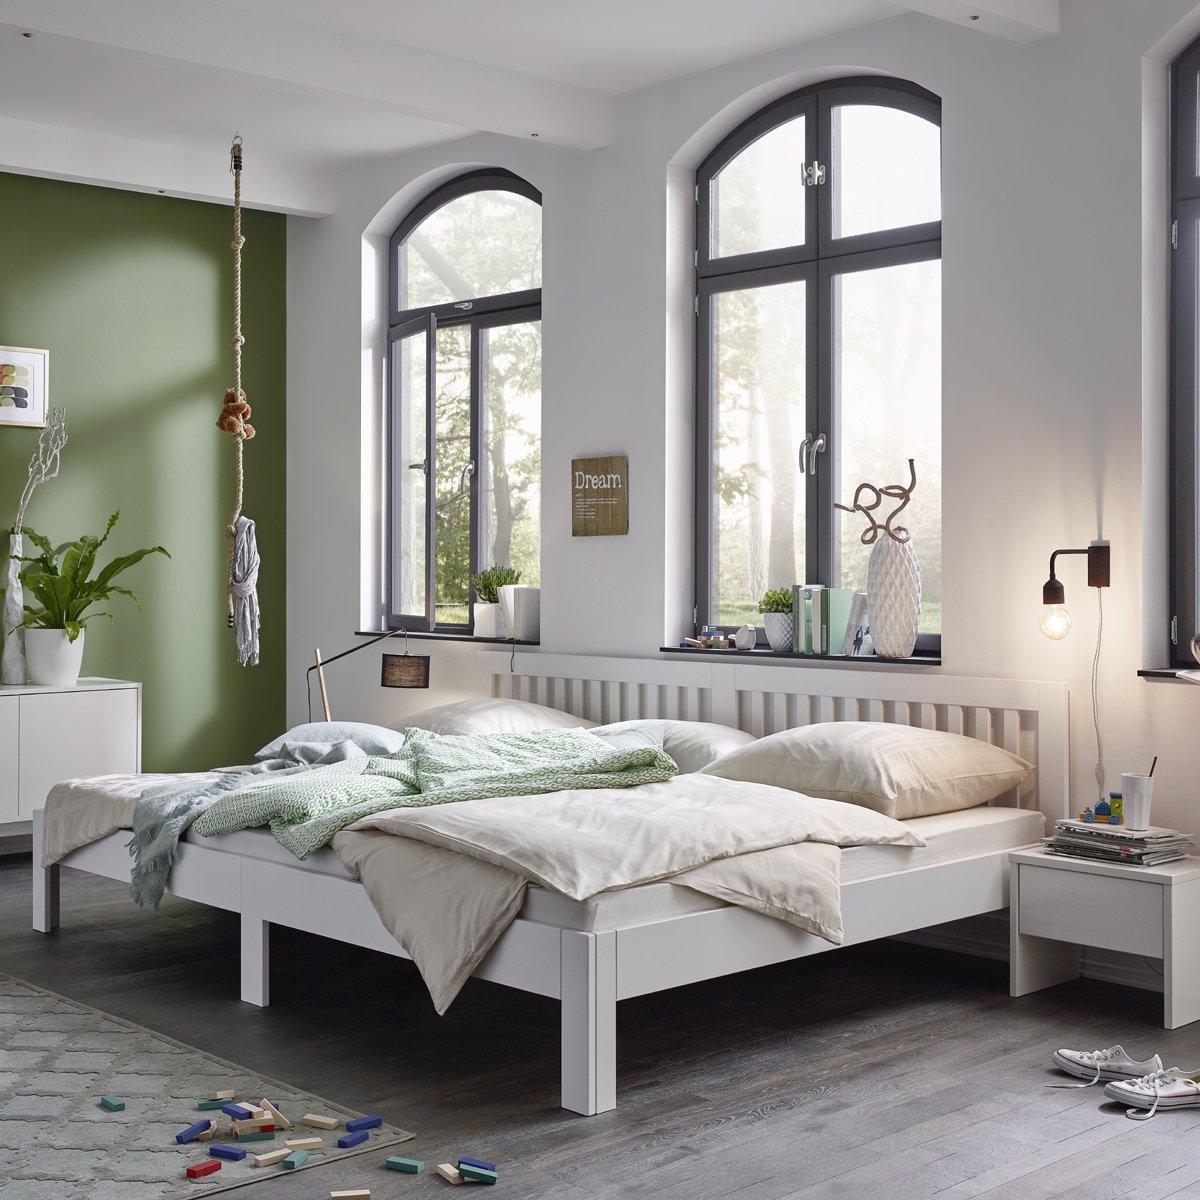 Ecolignum Familienbett™ Como ( 350270)   270x200 cm.   Co-Sleeping Massivholzbett Erle Vollholz   Weiß   Super-Größe Bett